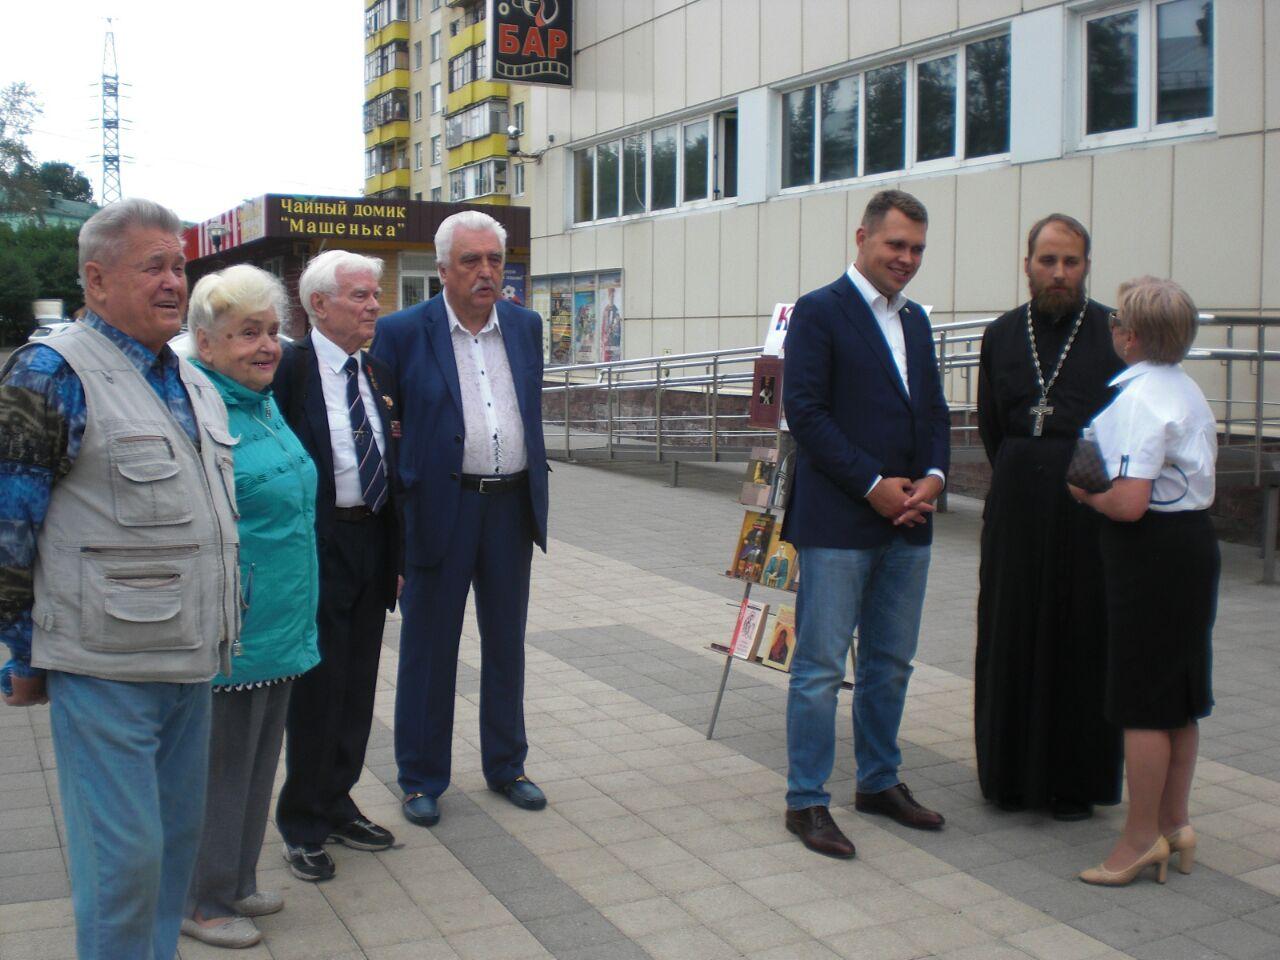 Празднование 1030-летия Крещения Руси в ДК Чайка - участие Центральной библиотеки